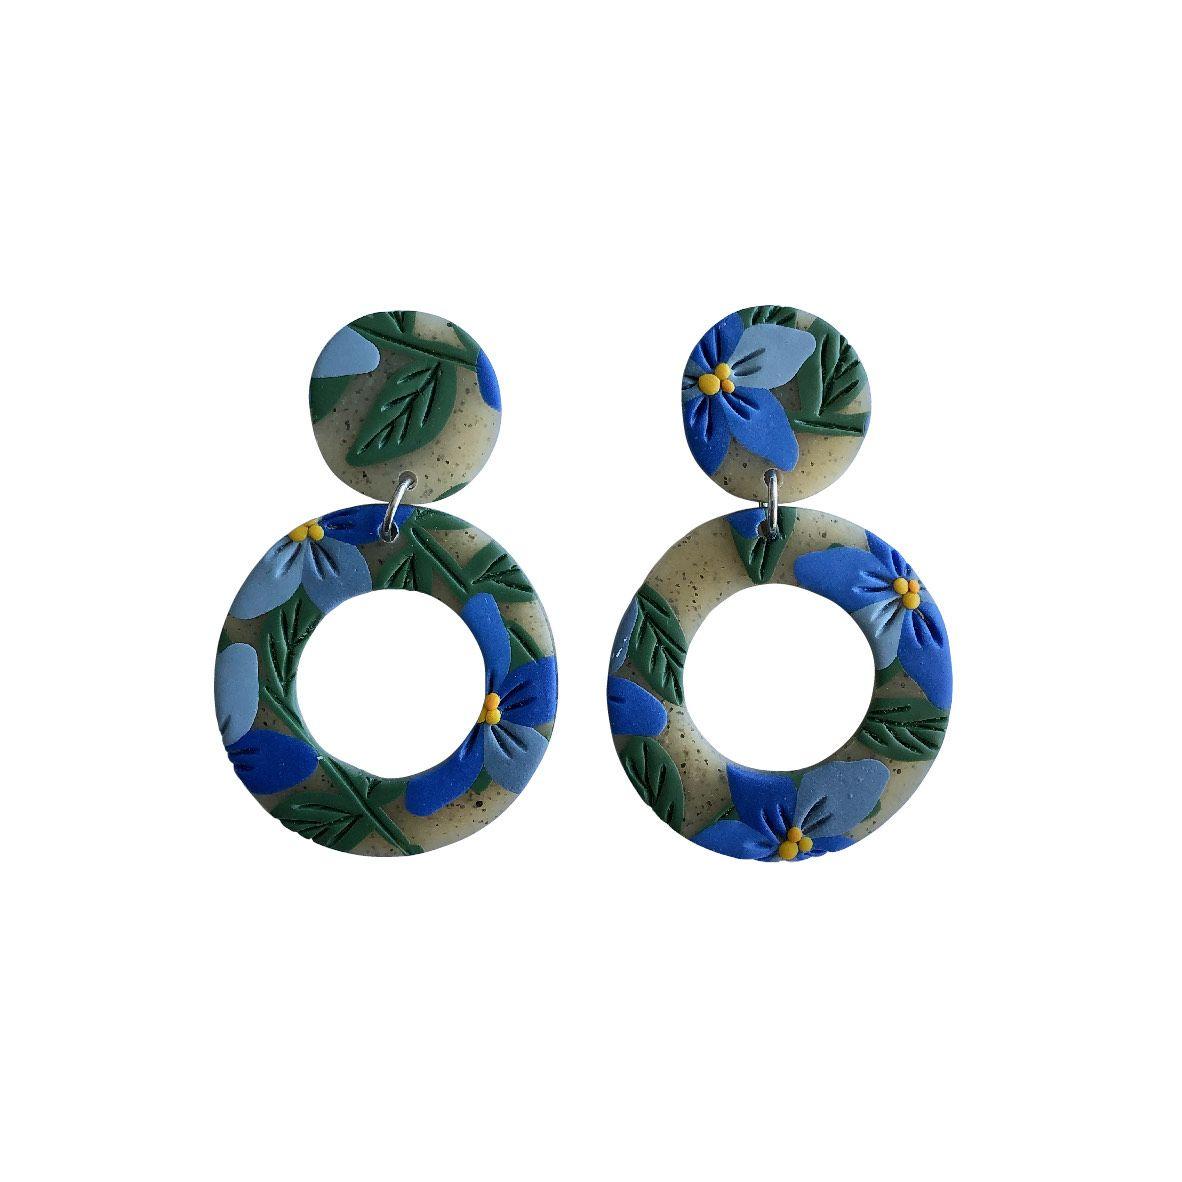 Aros translucidos círculos azules